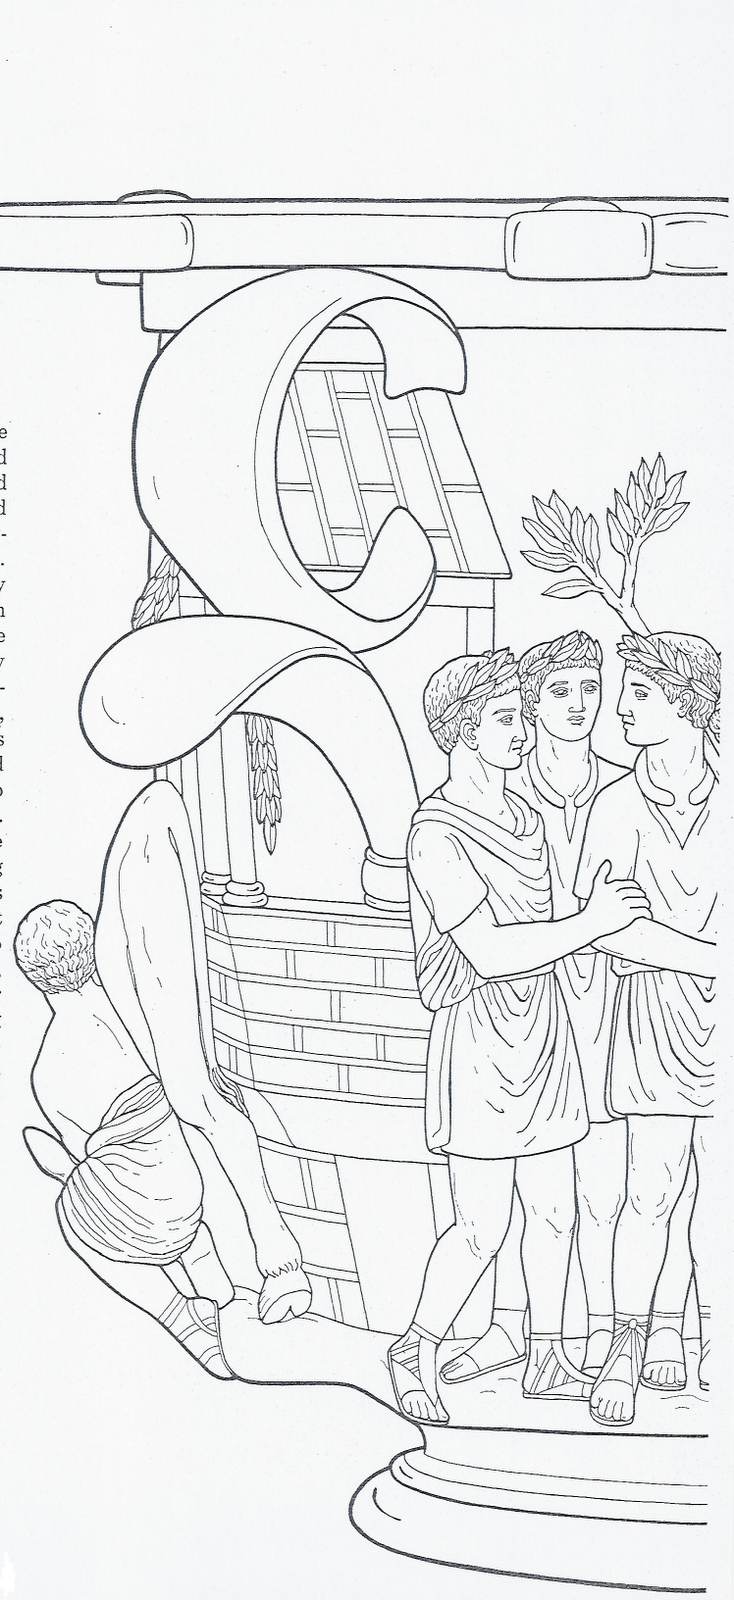 Disegni da colorare gli antichi